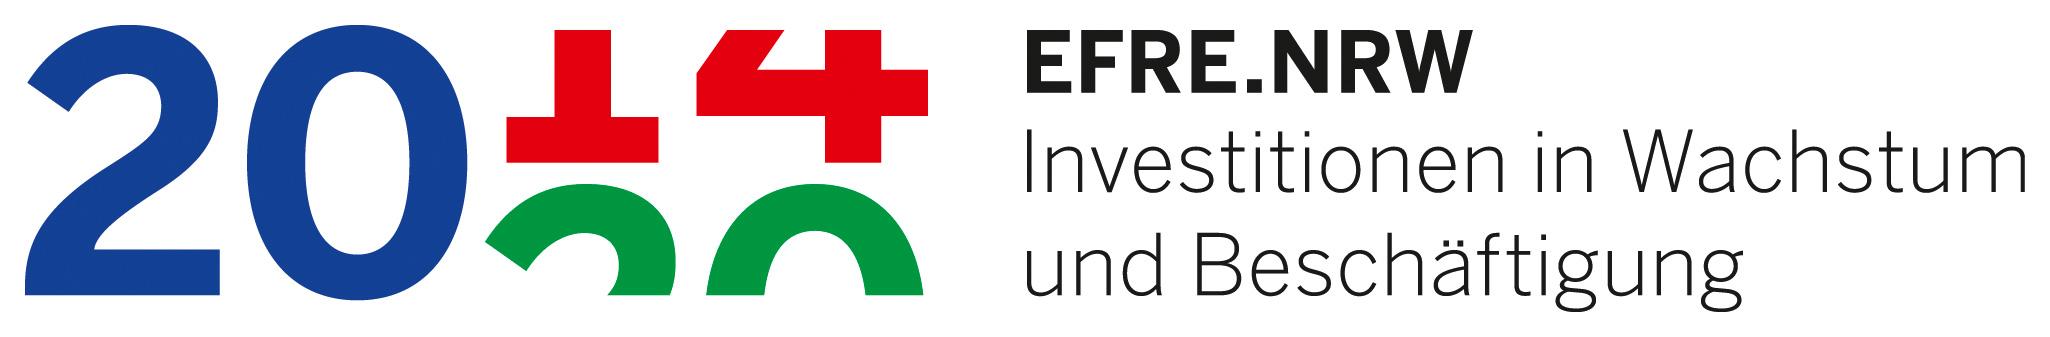 EFRE-NRW Logo